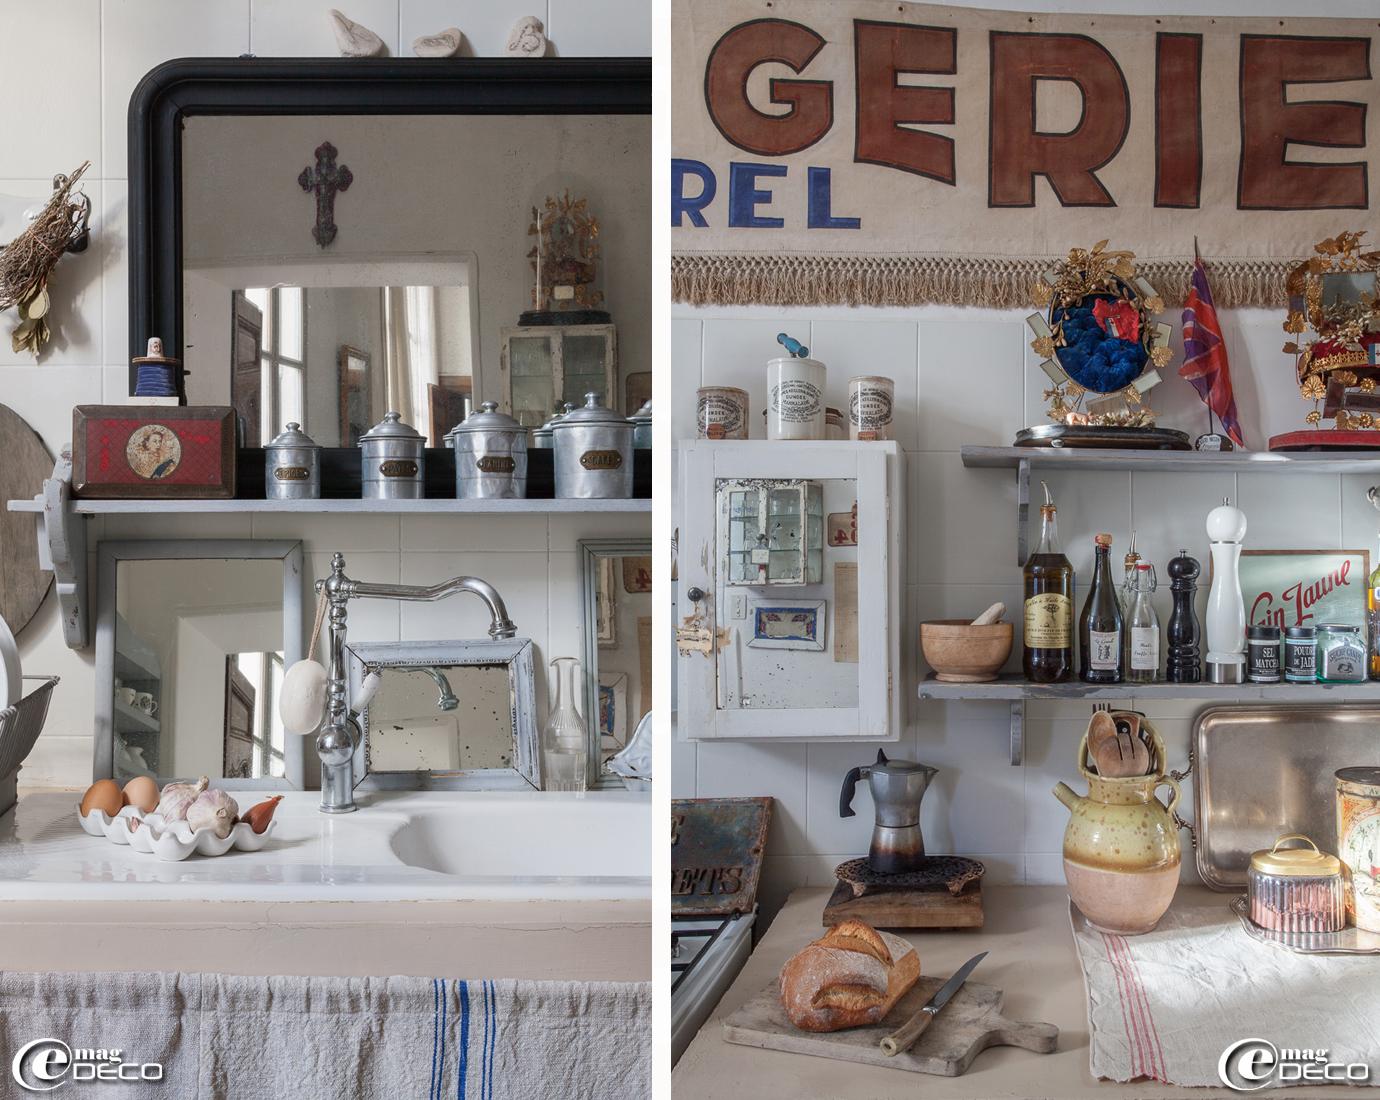 Dans une cuisine, une collection de miroirs peints en gris, une ancienne banderole de boulangerie